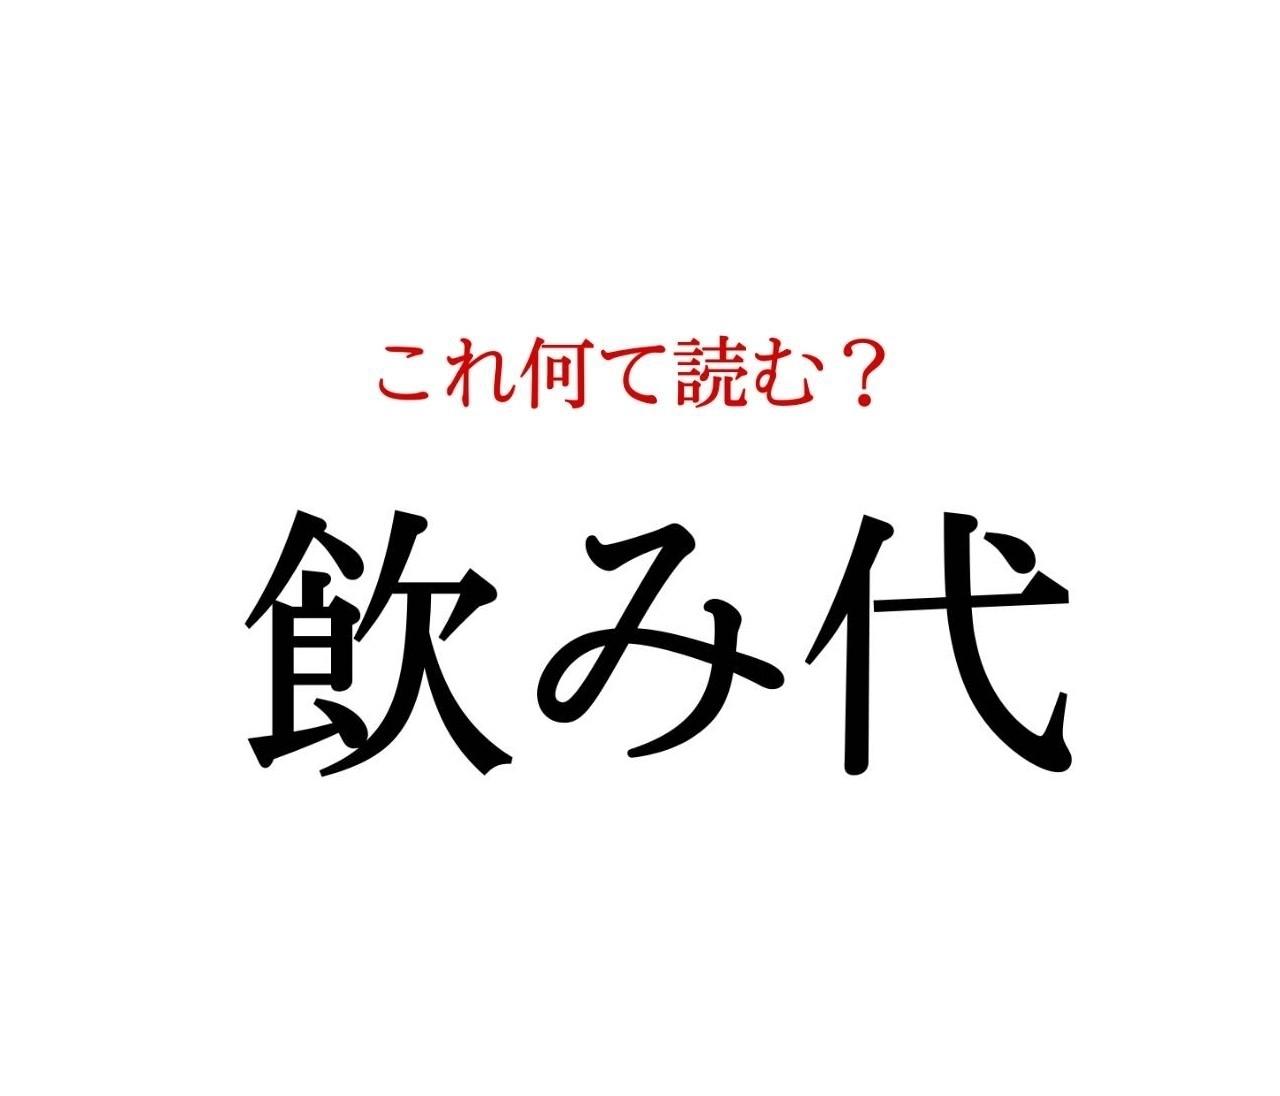 「飲み代」:この漢字、自信を持って読めますか?【働く大人の漢字クイズvol.60】